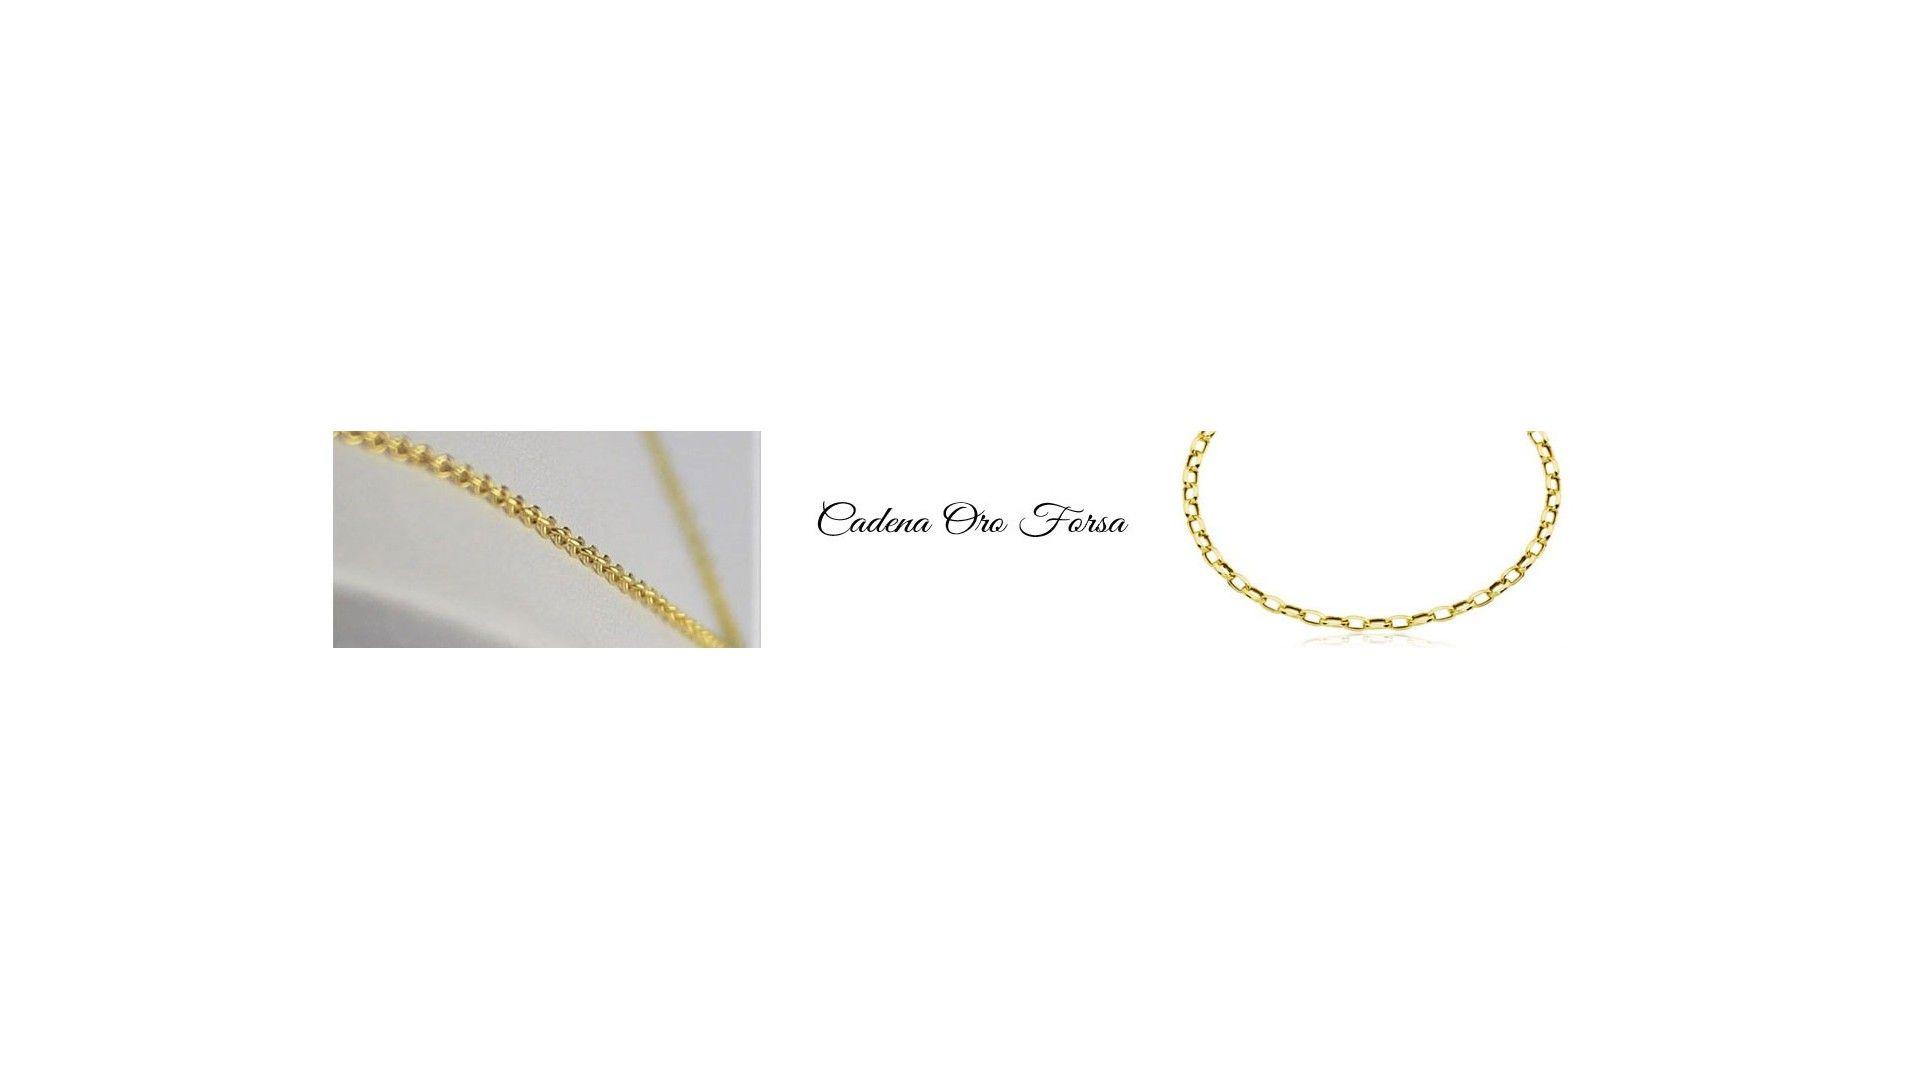 Cadenas de oro Forsa de 40 cm